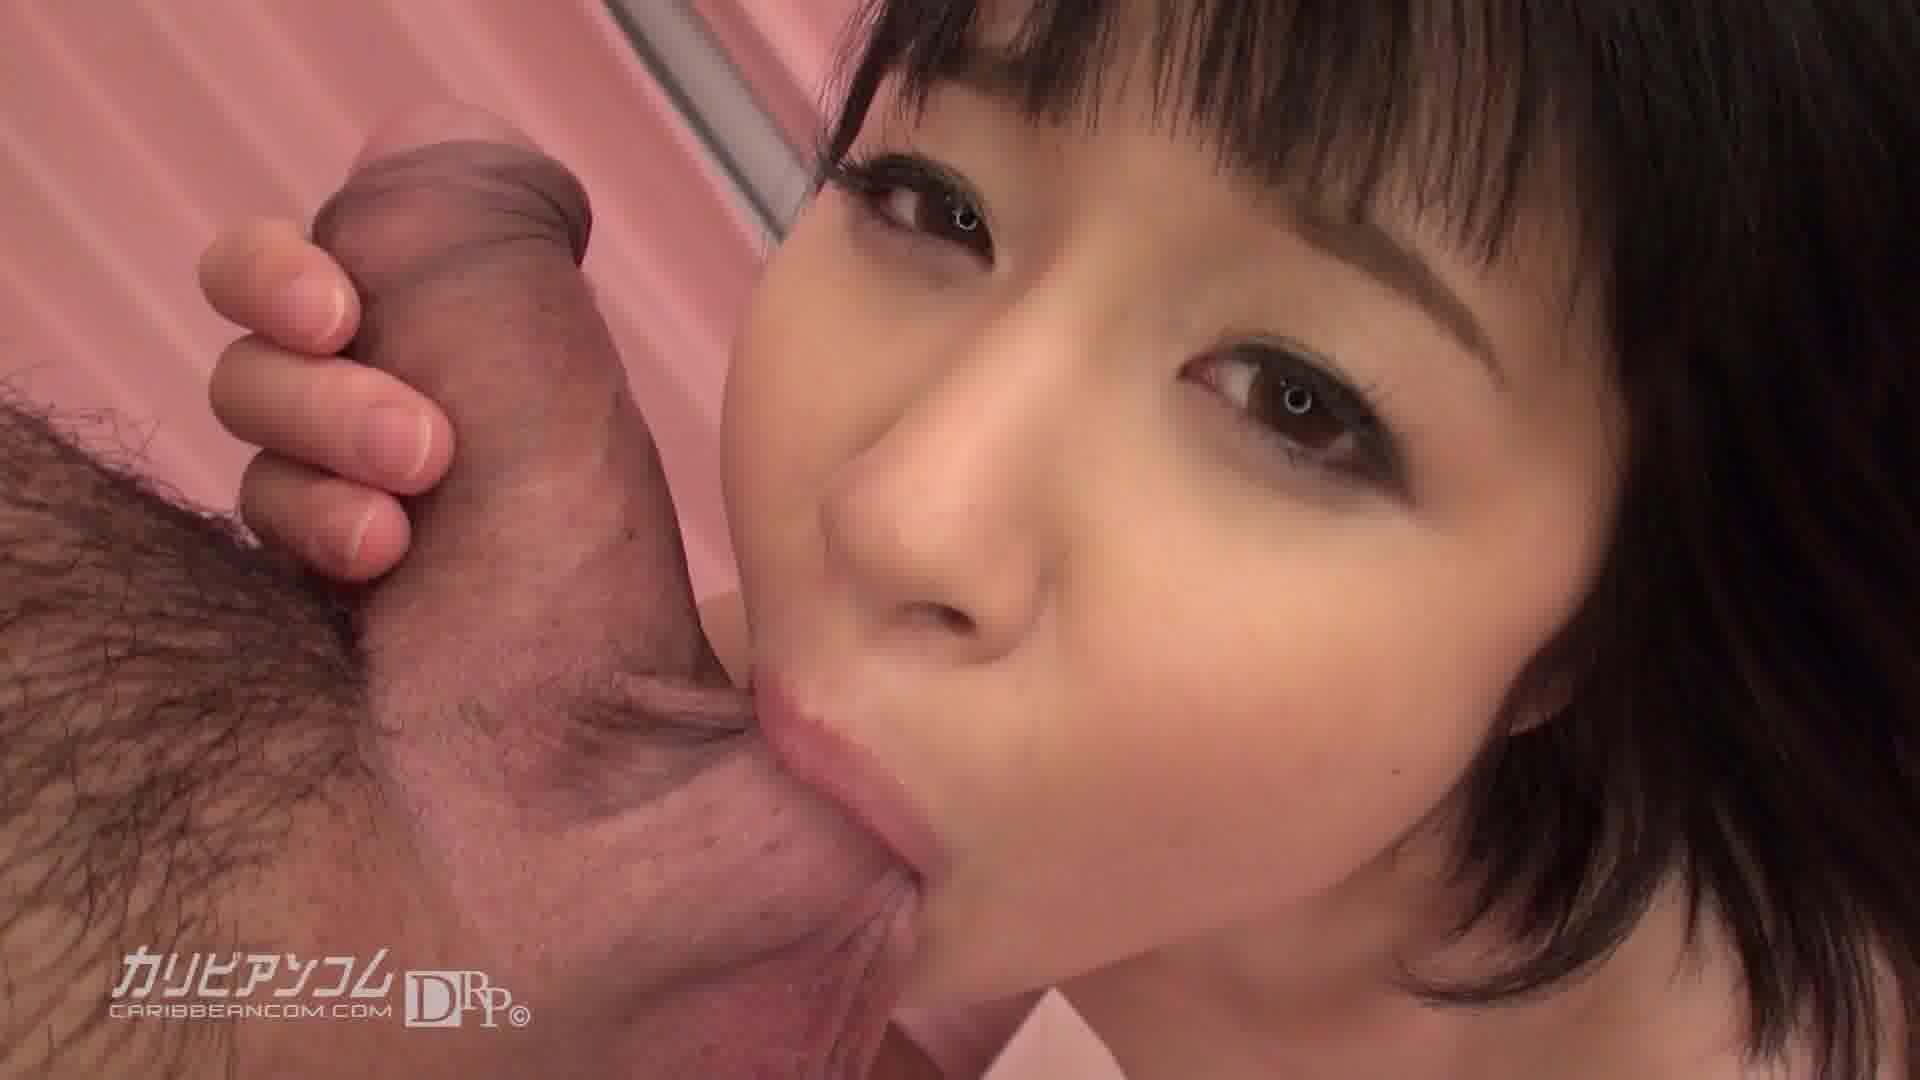 今日だけ僕の彼女 - 小泉まり【美乳・初裏・オナニー】